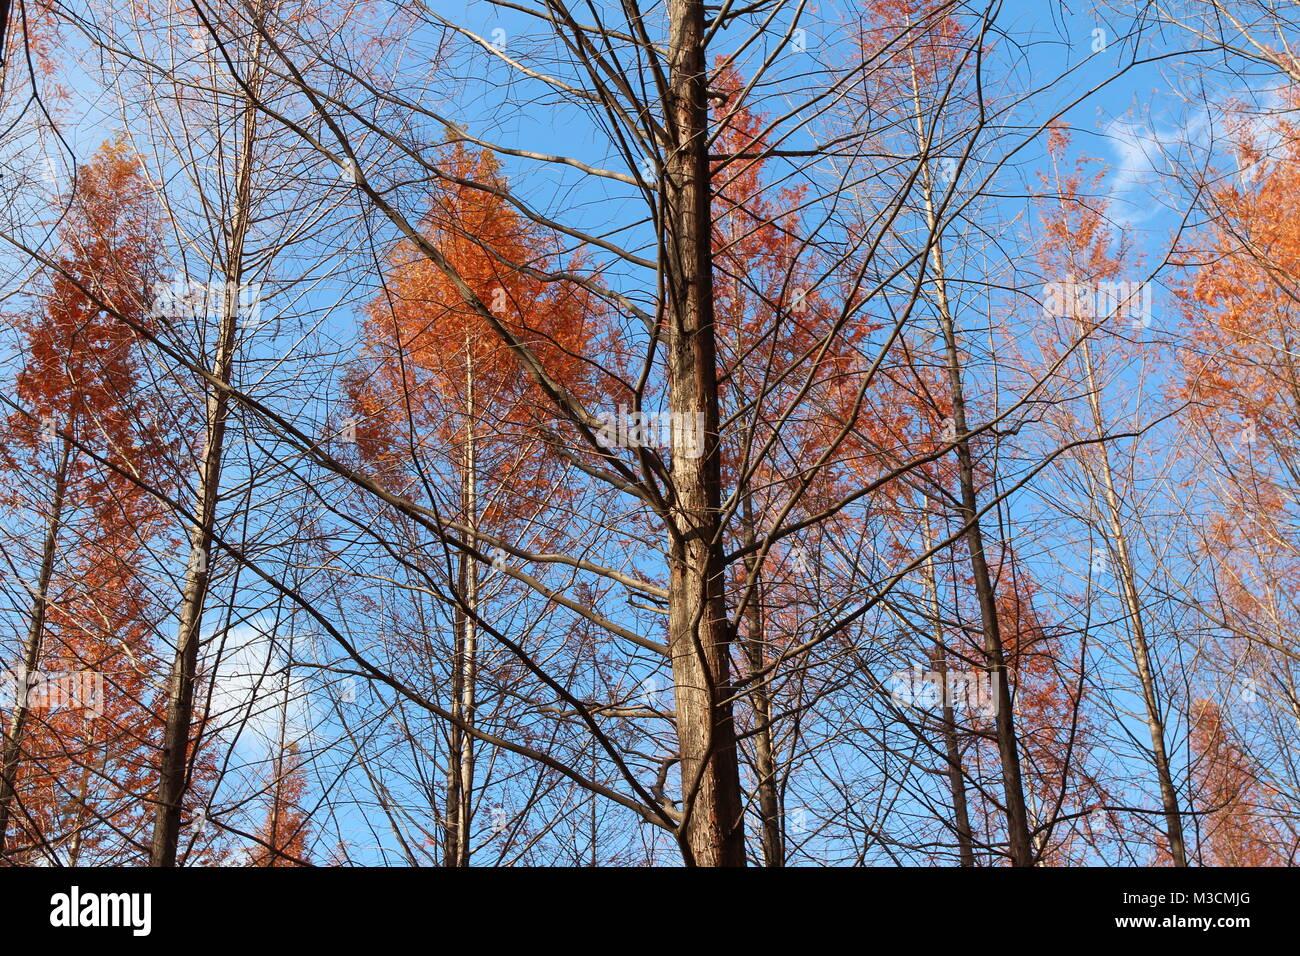 Nami Island Stock Photos & Nami Island Stock Images - Alamy